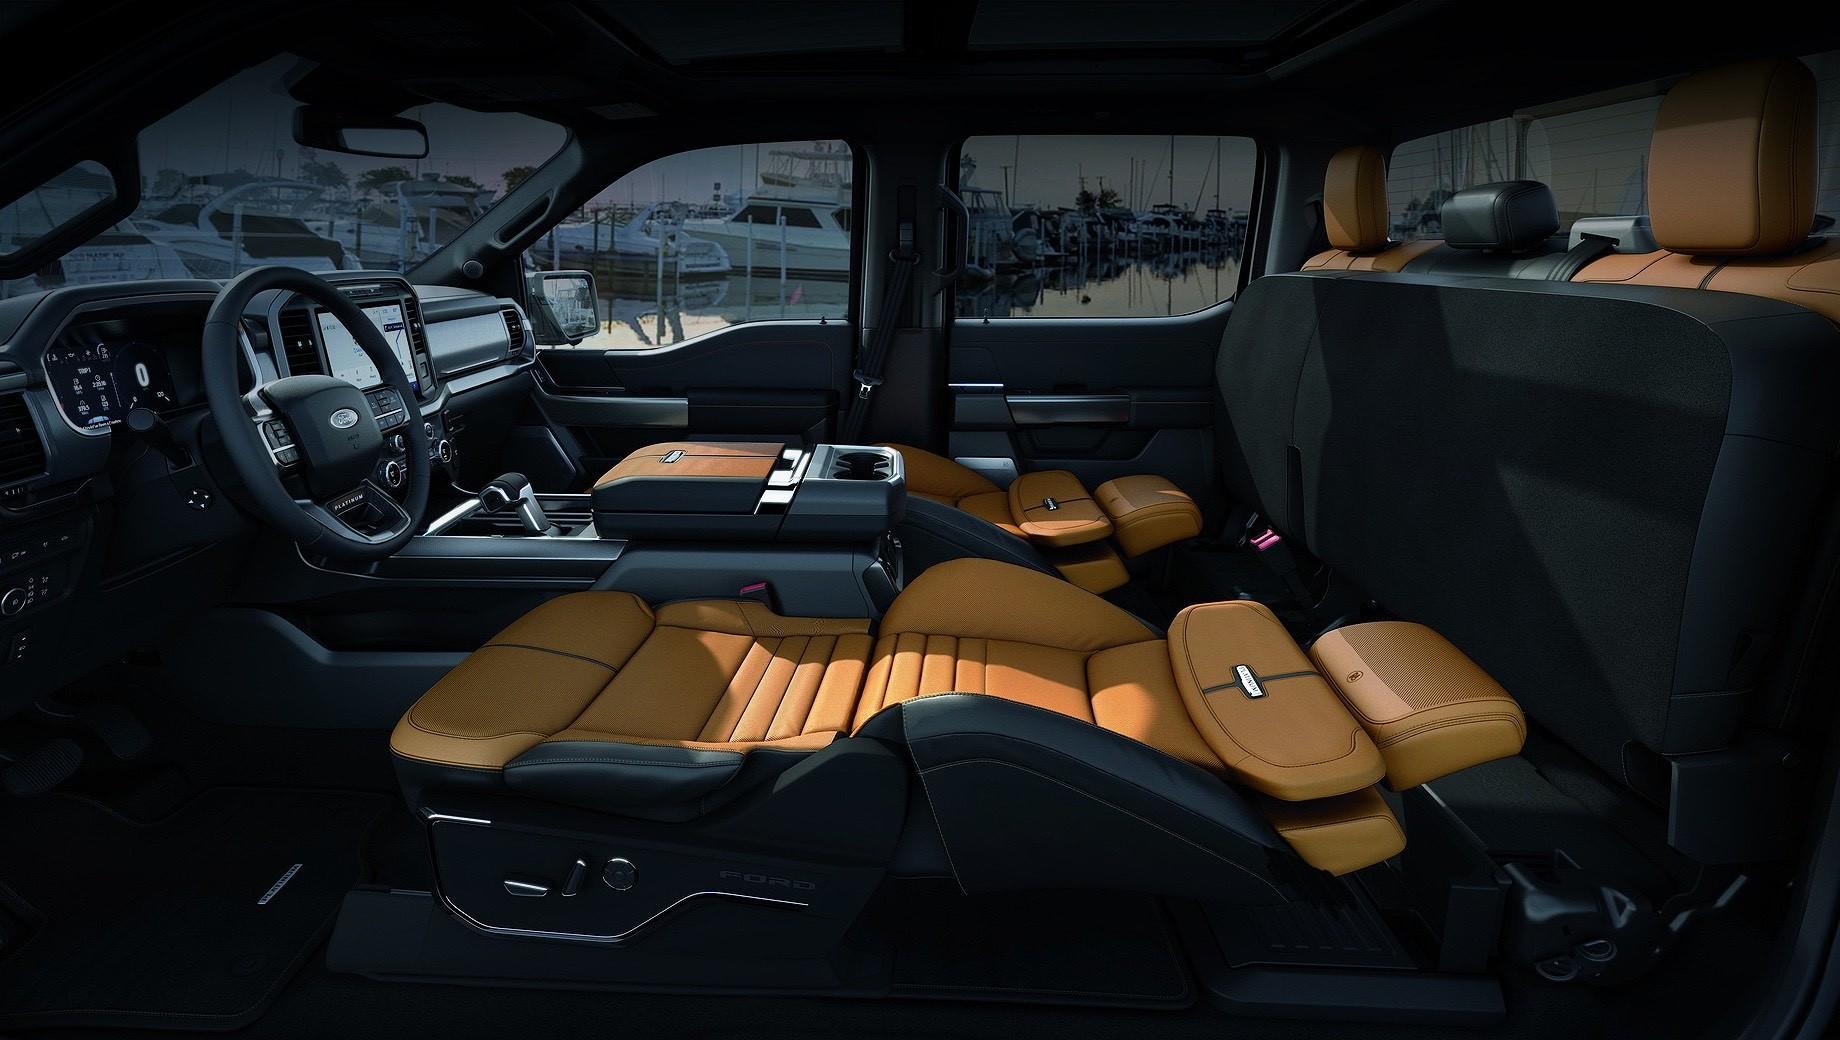 Ford f-150. Кресла-трансформеры Max Recline доступны только на пикапе Ford F-150 в исполнениях King Ranch, Platinum и Limited. Наименее дорогая из этого списка версия King Ranch оценена в $58 670 (4,5 млн рублей), а сама опция — в $340 (26 000 рублей).